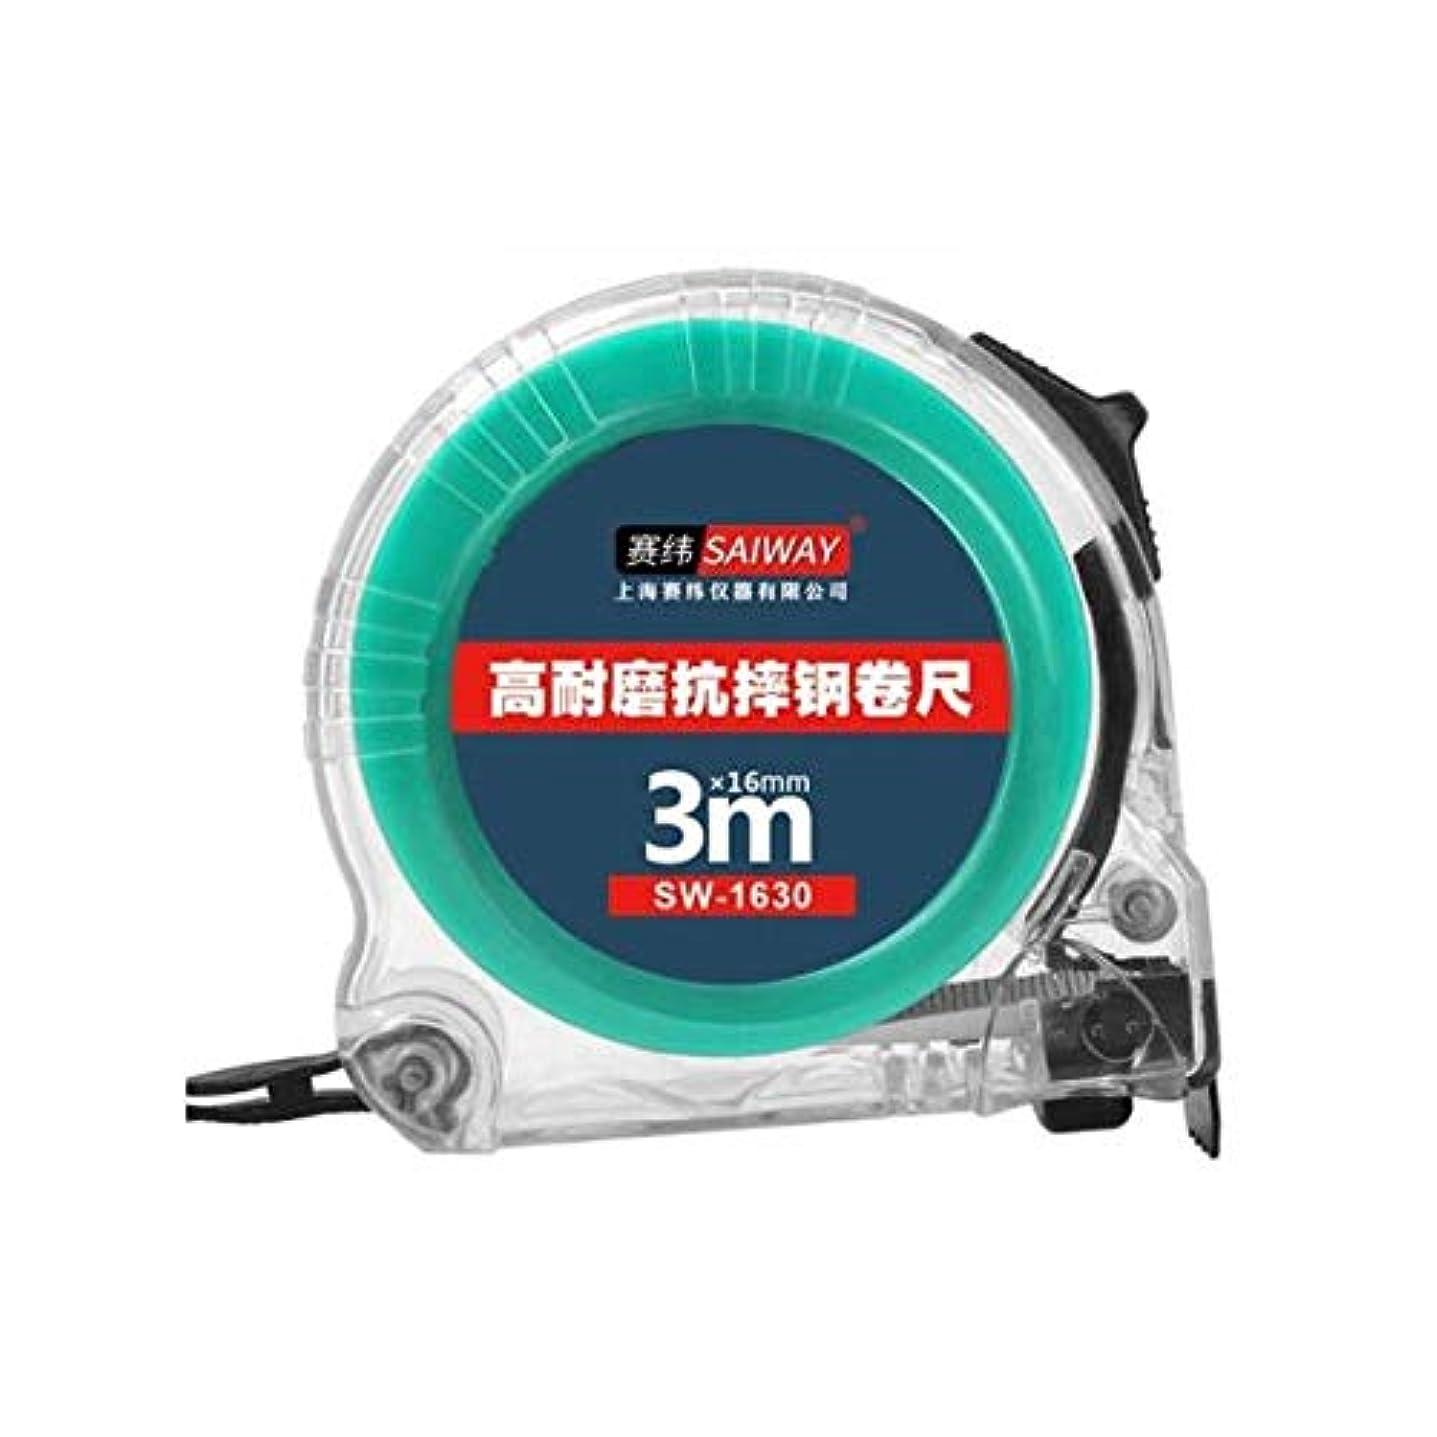 文芸着る補充RCDD スチール巻尺、3 M 5 M 7.5 Mスチールコイル定規、スチール定規、ボックス定規、木工スチール巻尺 (Size : 3m)